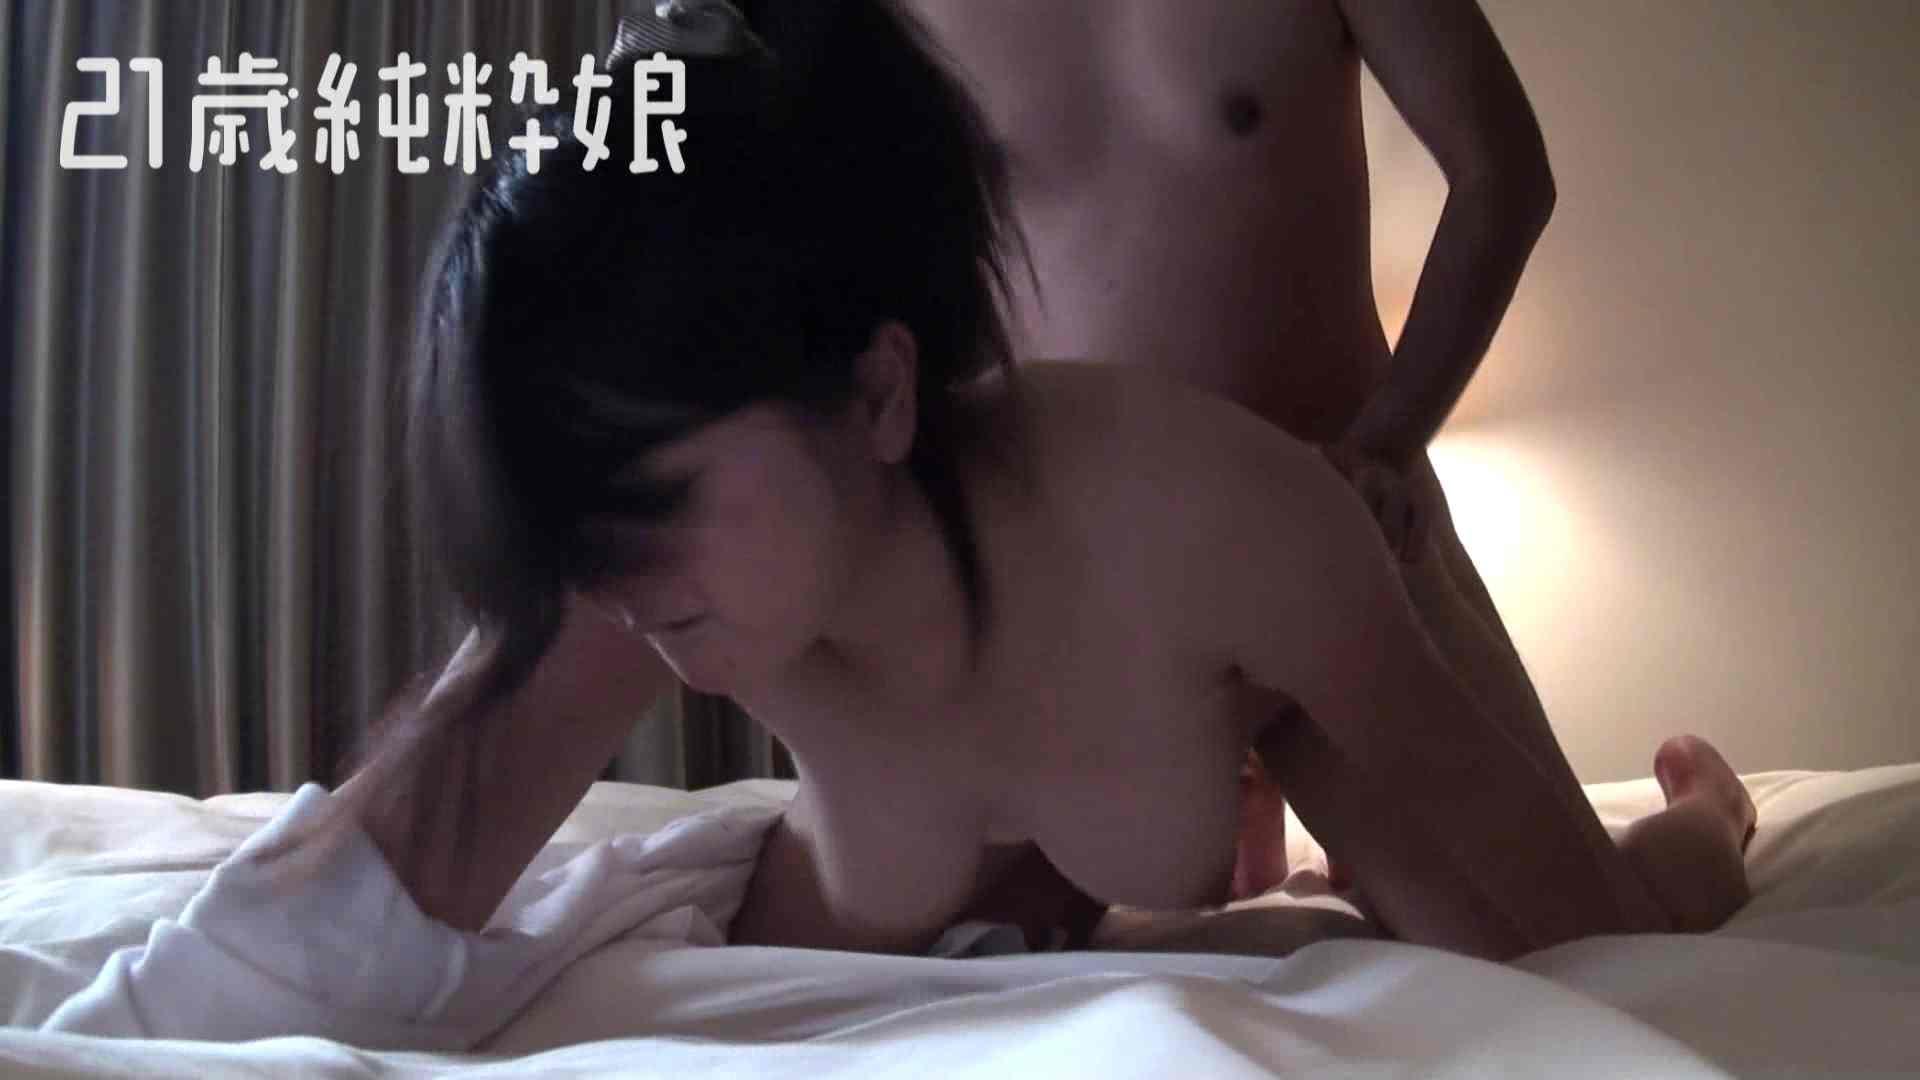 上京したばかりのGカップ21歳純粋嬢を都合の良い女にしてみた2 一般投稿 AV動画キャプチャ 70pic 66